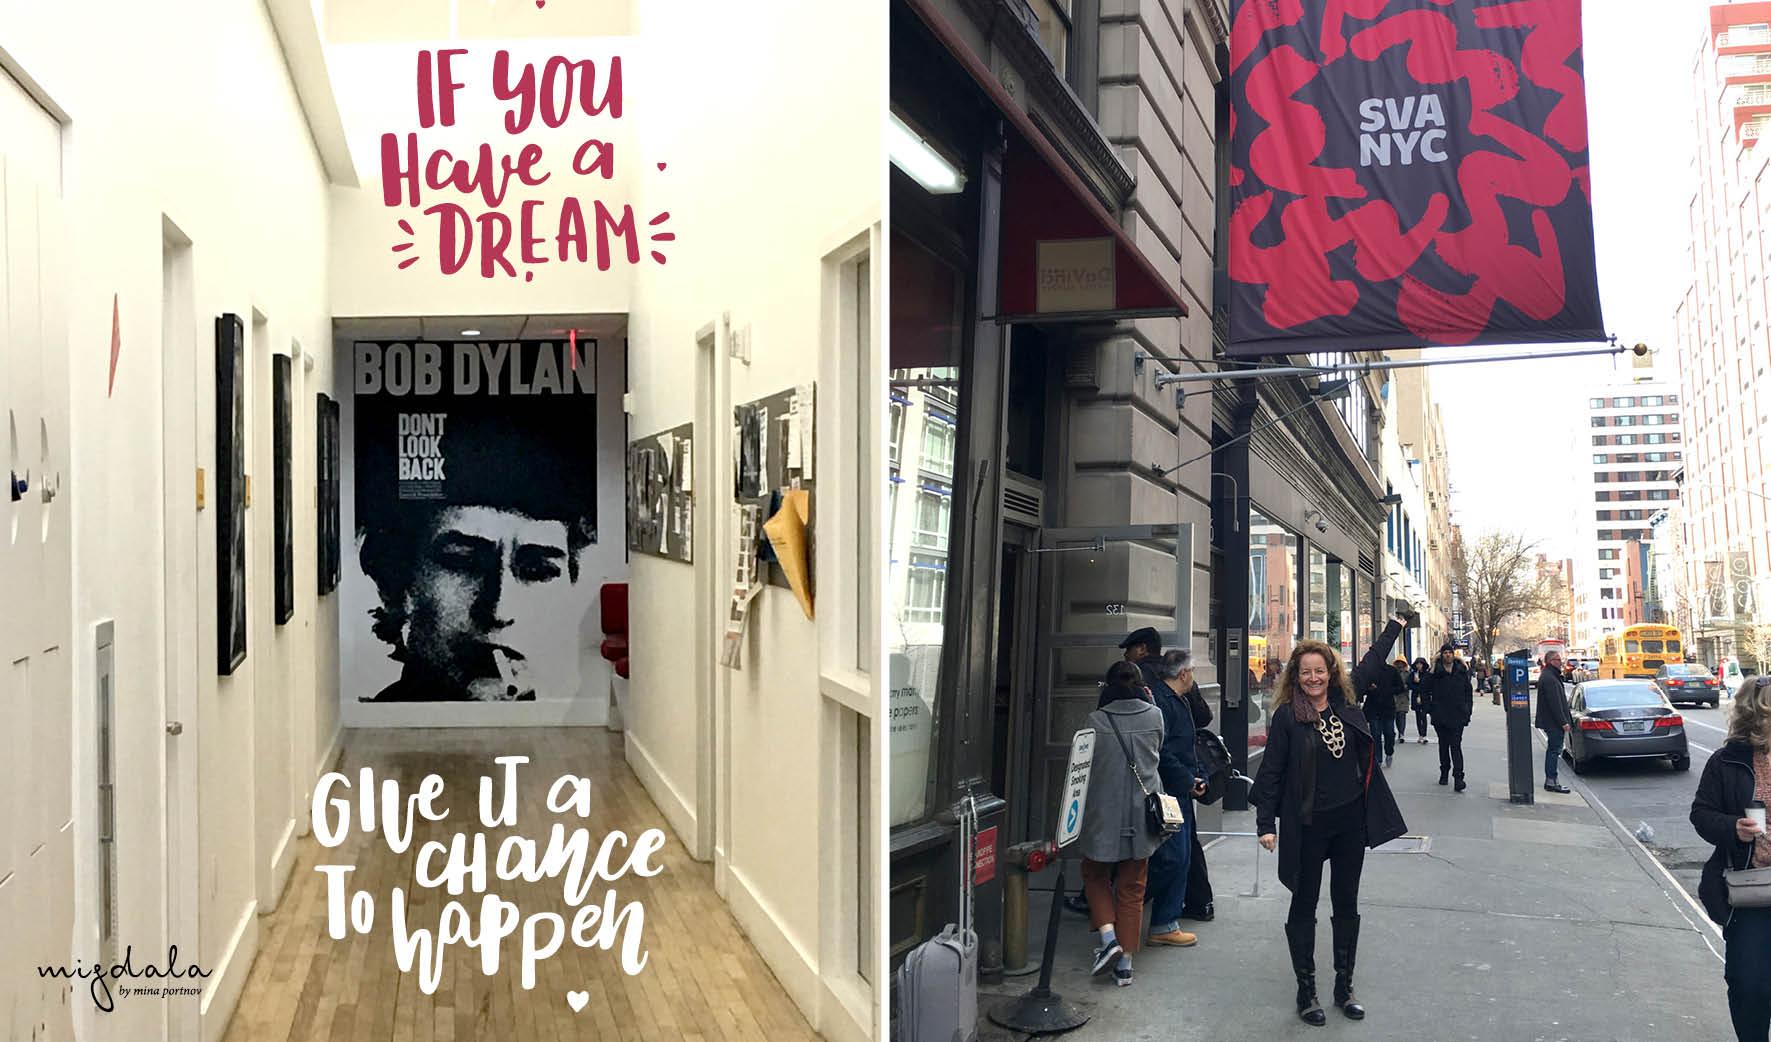 School of Visual Arts, 209 E 23rd St, New York, NY 10010, USA